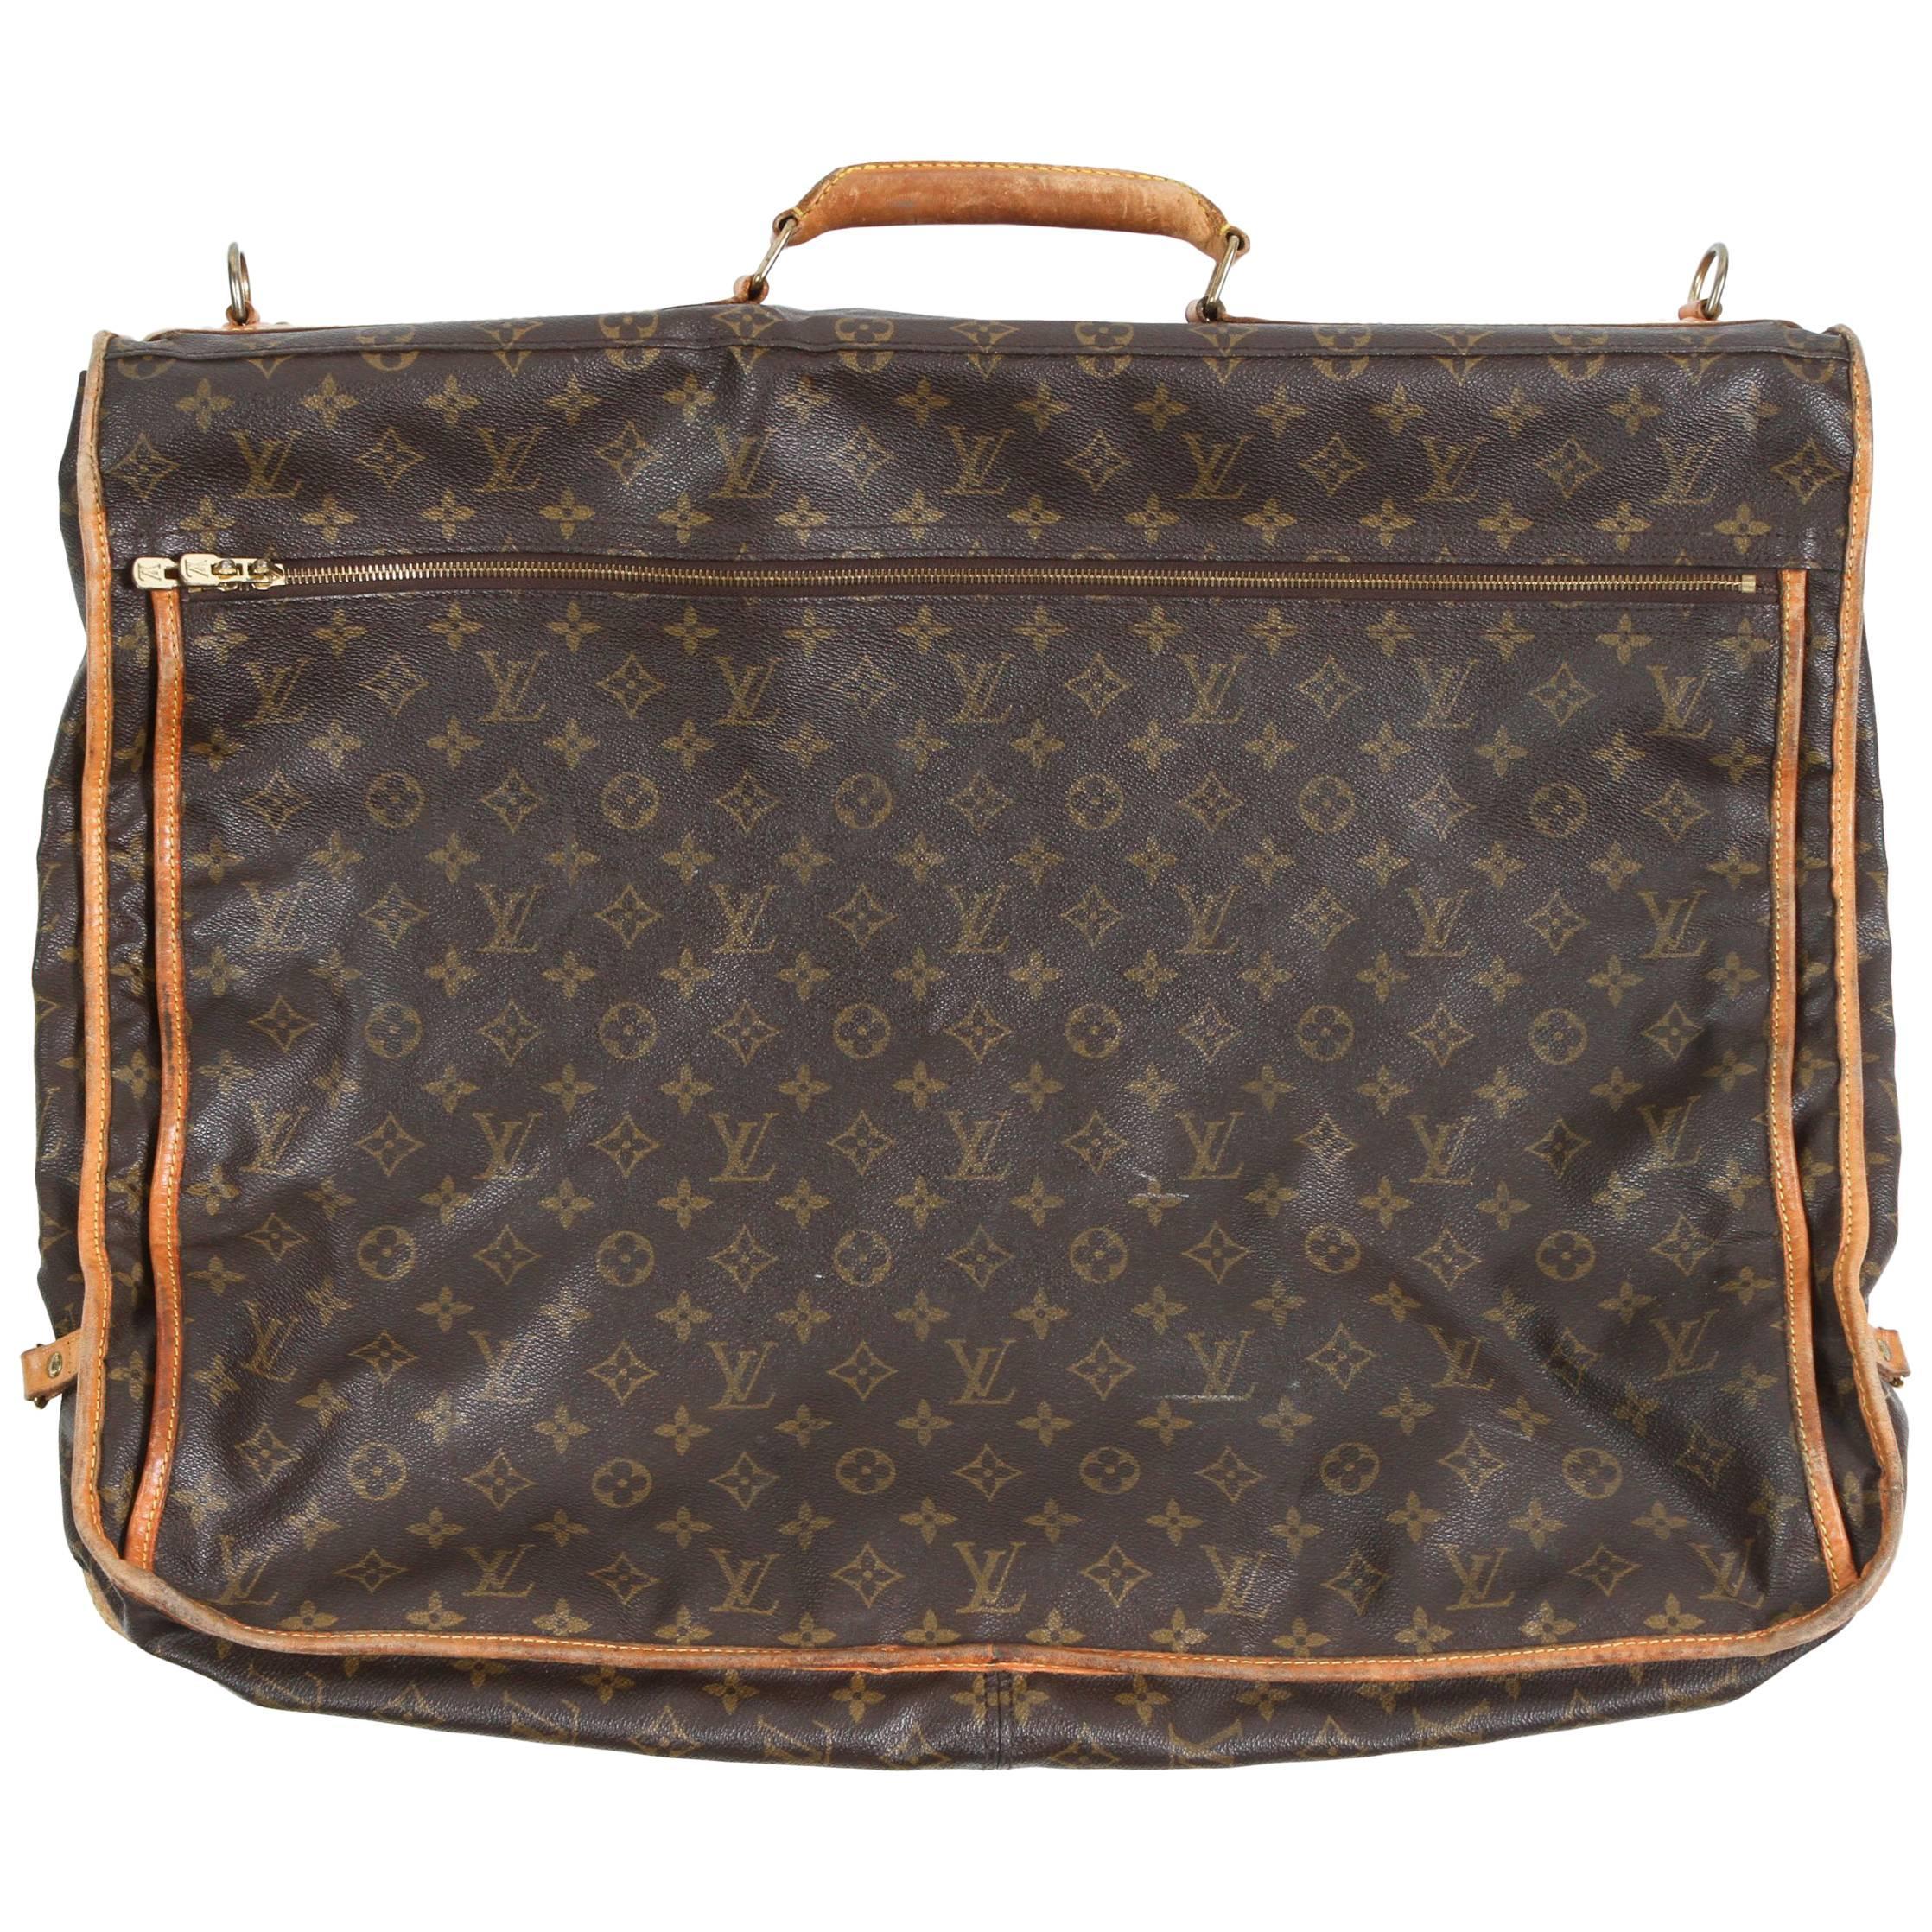 Vintage Louis Vuitton Garment Carrier